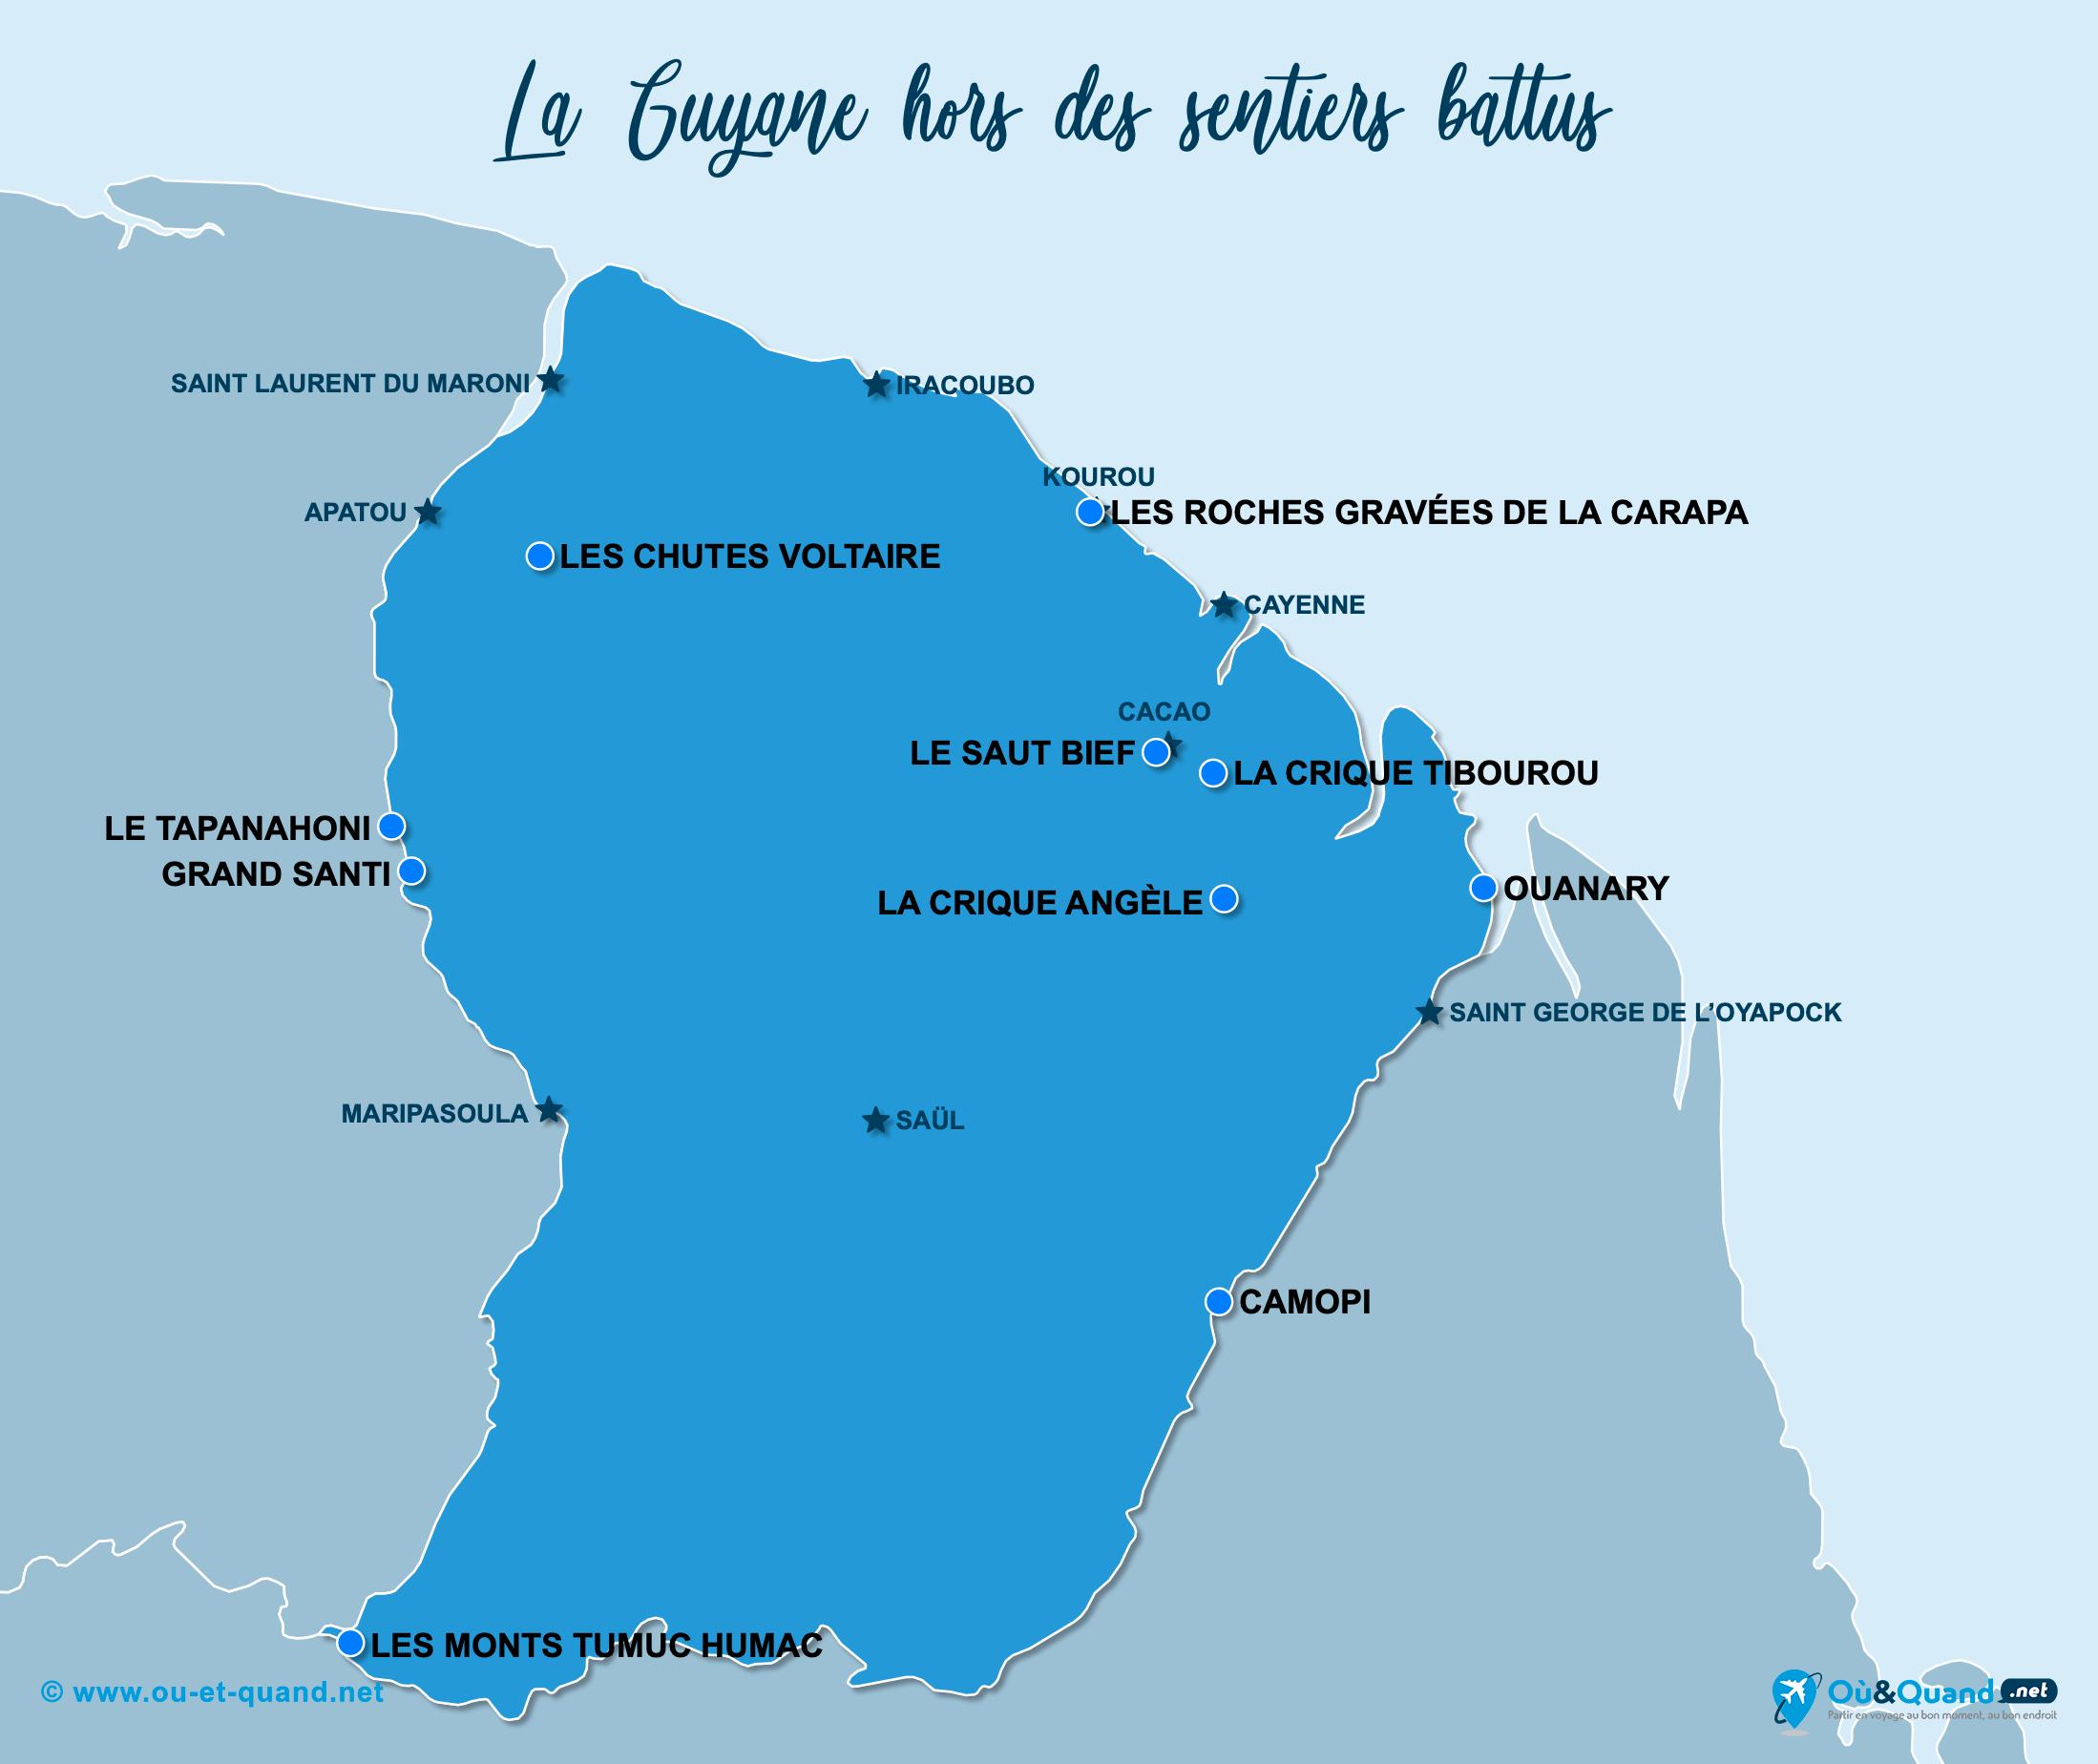 Carte Guyane Française : La Guyane hors des sentiers battus